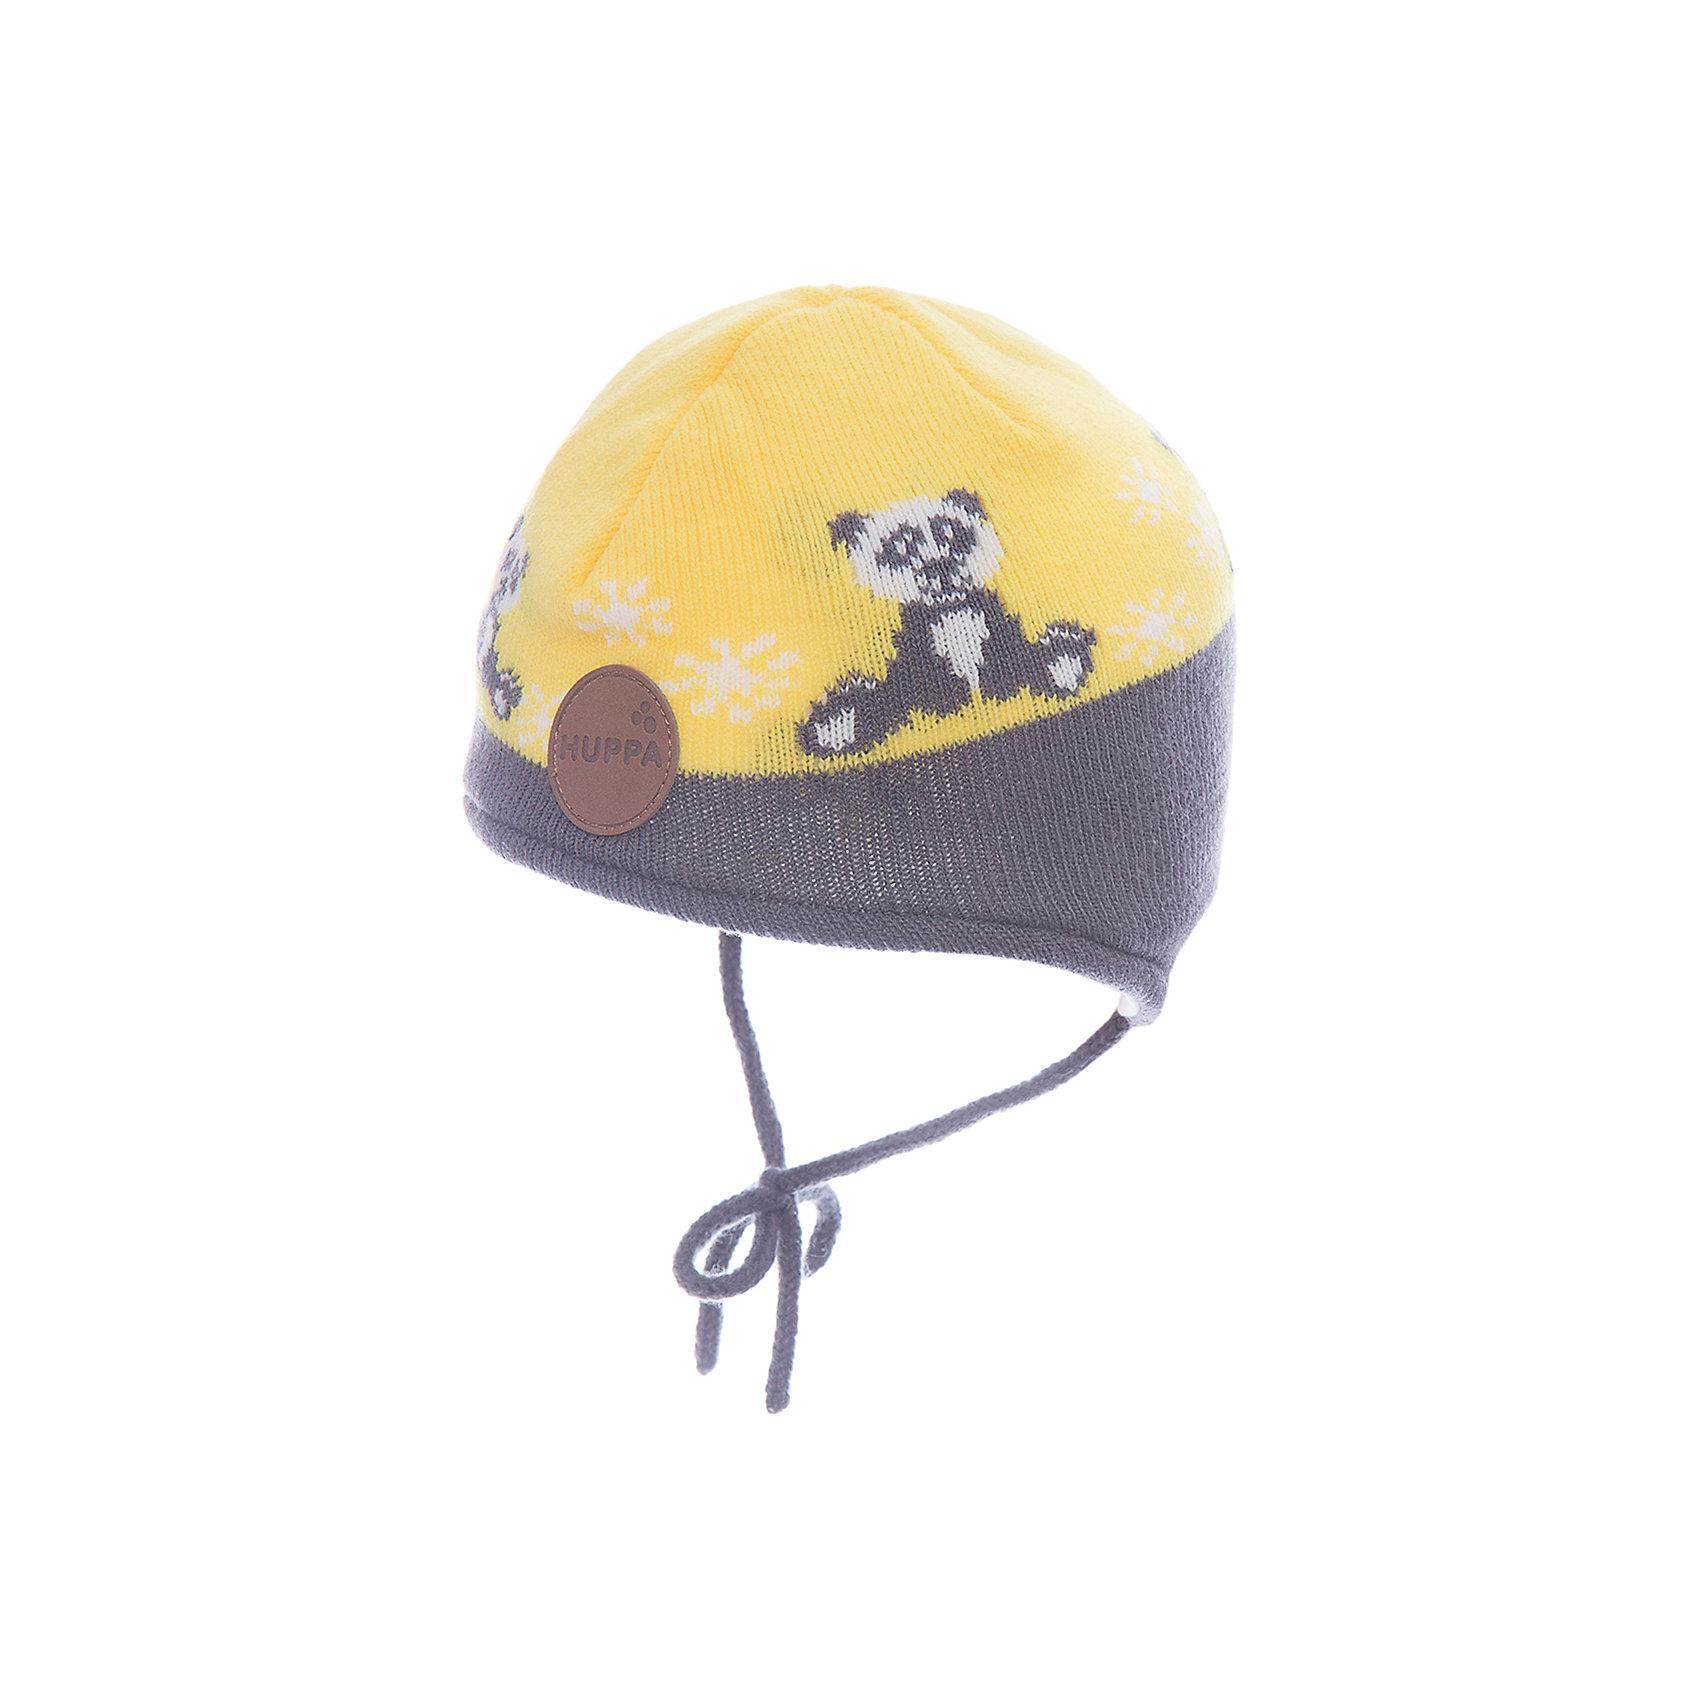 Шапка Huppa Karro 1Зимние<br>Характеристики товара:<br><br>• модель: Karro 1;<br>• цвет: желтый/серый;<br>• состав: шапка: 100% акрил; <br>• подкладка: 100% хлопок:<br>• утеплитель: 40 г/м2;<br>• сезон: зима<br>• температурный режим: от 0°С до -20°С;<br>• шапка на завязках;<br>• особенности: вязаная;<br>• страна бренда: Финляндия;<br>• страна изготовитель: Эстония.<br><br>Вязаная детская шапка Karro 1. Теплая вязанная шапочка, прекрасно подойдет для повседневных прогулок в холодную погоду. Шапка на мягкий завязках, не травмирующих нежную кожу.<br><br>Шапку Huppa Karro 1 (Хуппа) можно купить в нашем интернет-магазине.<br><br>Ширина мм: 89<br>Глубина мм: 117<br>Высота мм: 44<br>Вес г: 155<br>Цвет: желтый<br>Возраст от месяцев: 3<br>Возраст до месяцев: 12<br>Пол: Унисекс<br>Возраст: Детский<br>Размер: 51-53,47-49,43-45<br>SKU: 7029440